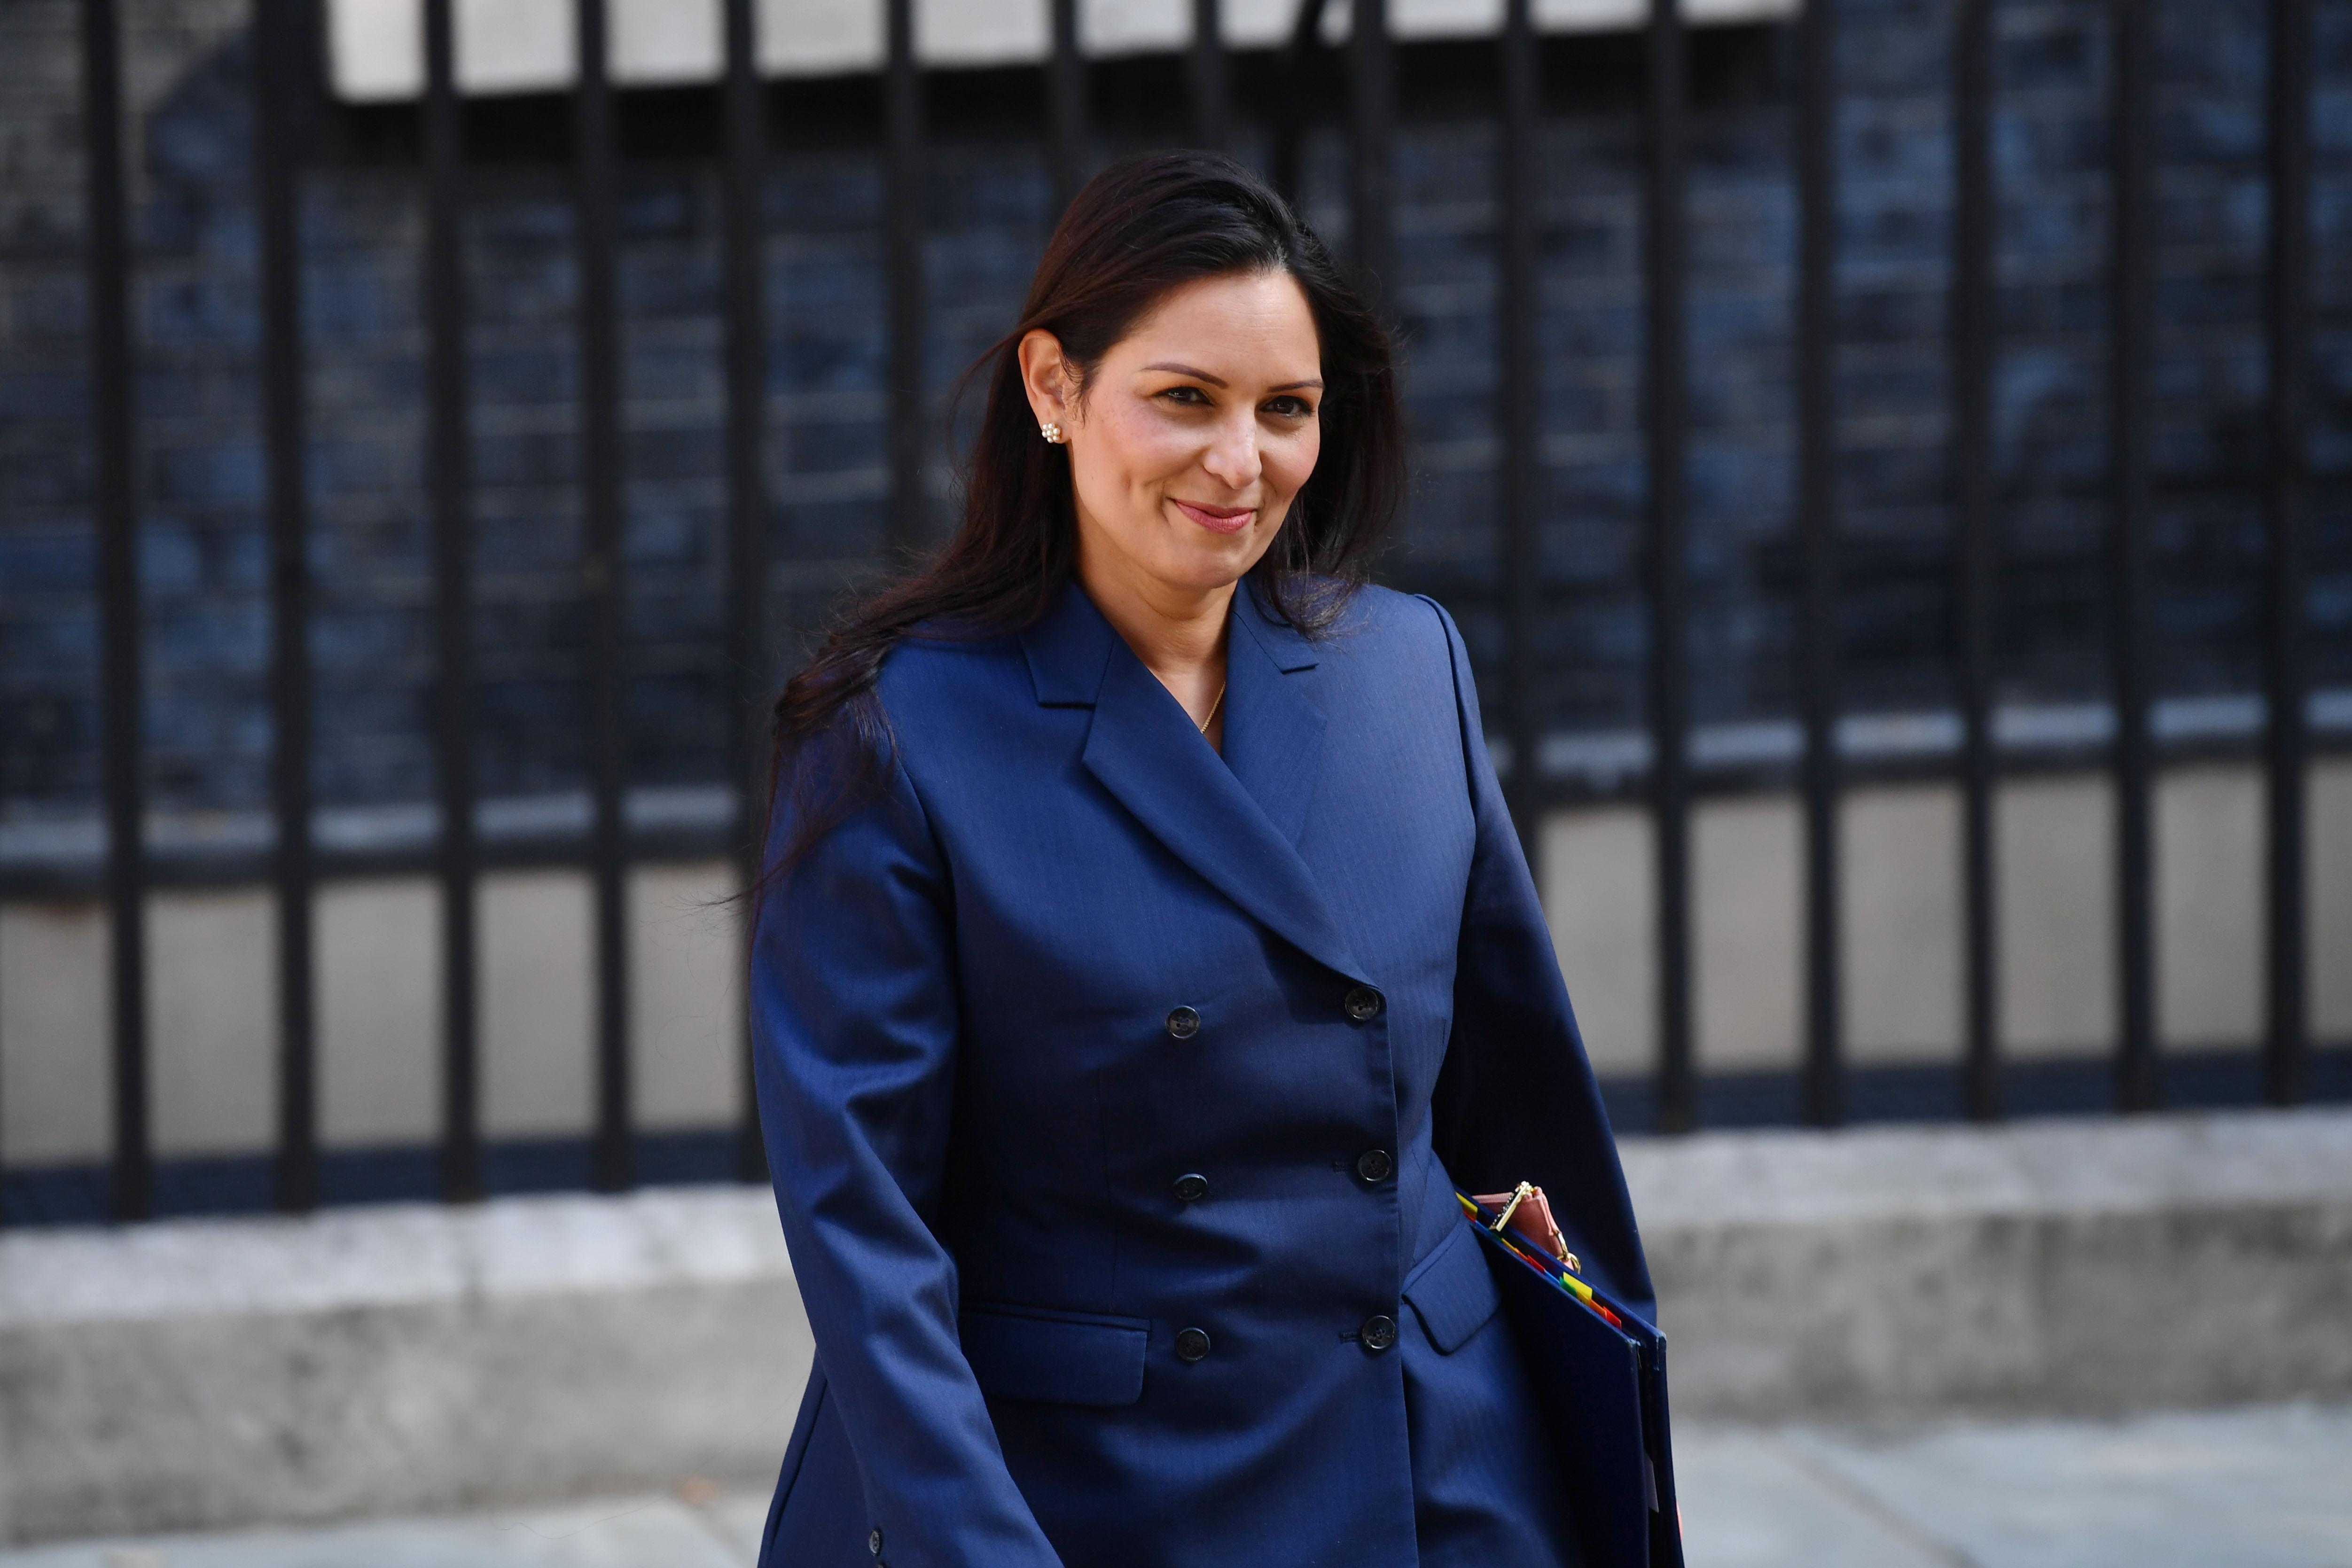 بريتي باتيل .. وزيرة الداخلية الصديقة لإسرائيل والمناهضة للمهاجرين